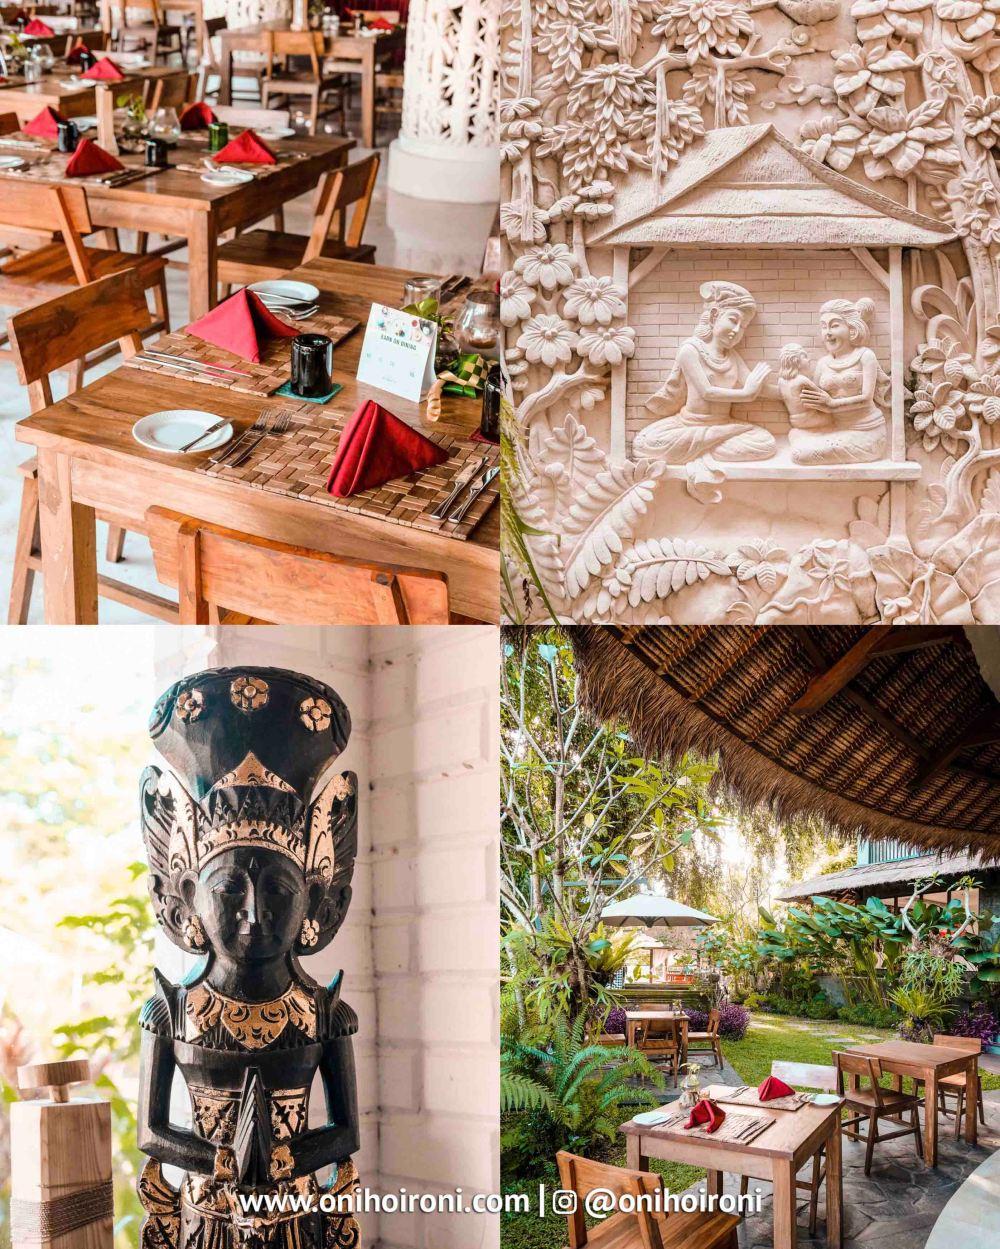 1 Sungai Restaurant Sthala Ubud Bali Oni Hoironi